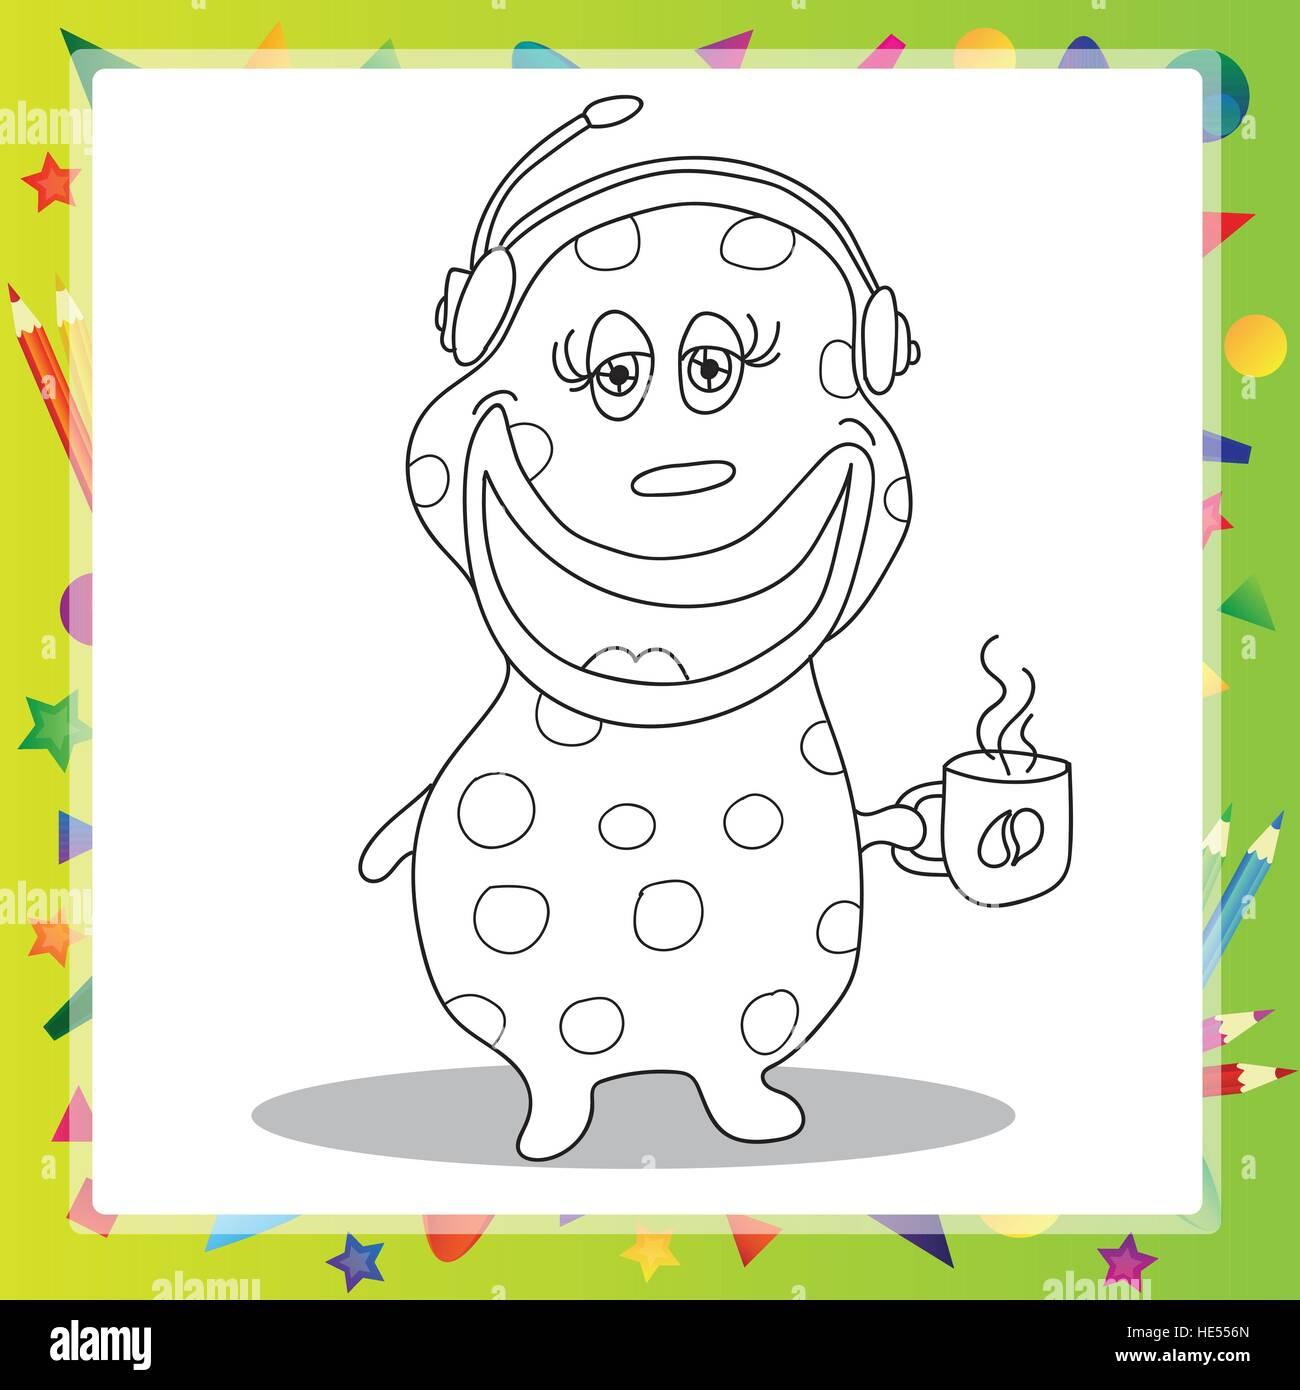 Cartoon Monster Coloring Book Imágenes De Stock & Cartoon Monster ...